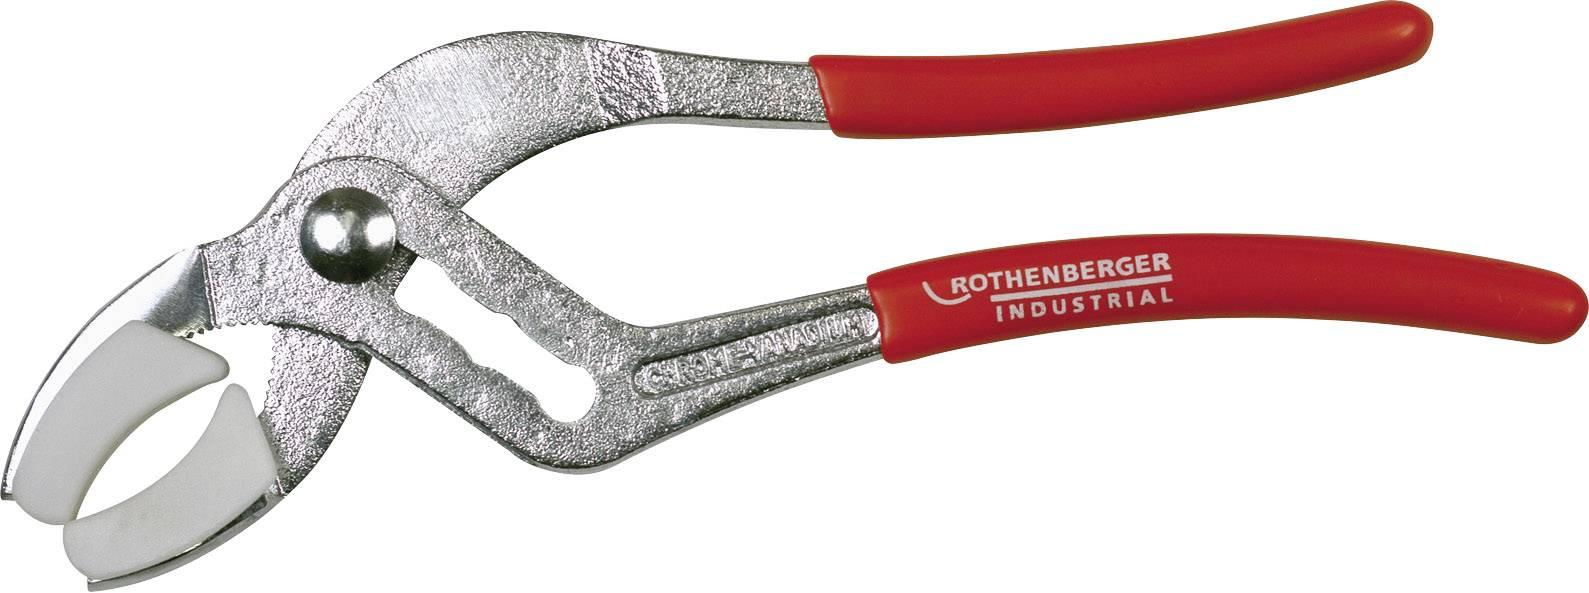 Sifónové kleště Rothenberger Industrial SANIGRIP 070662E, 250 mm